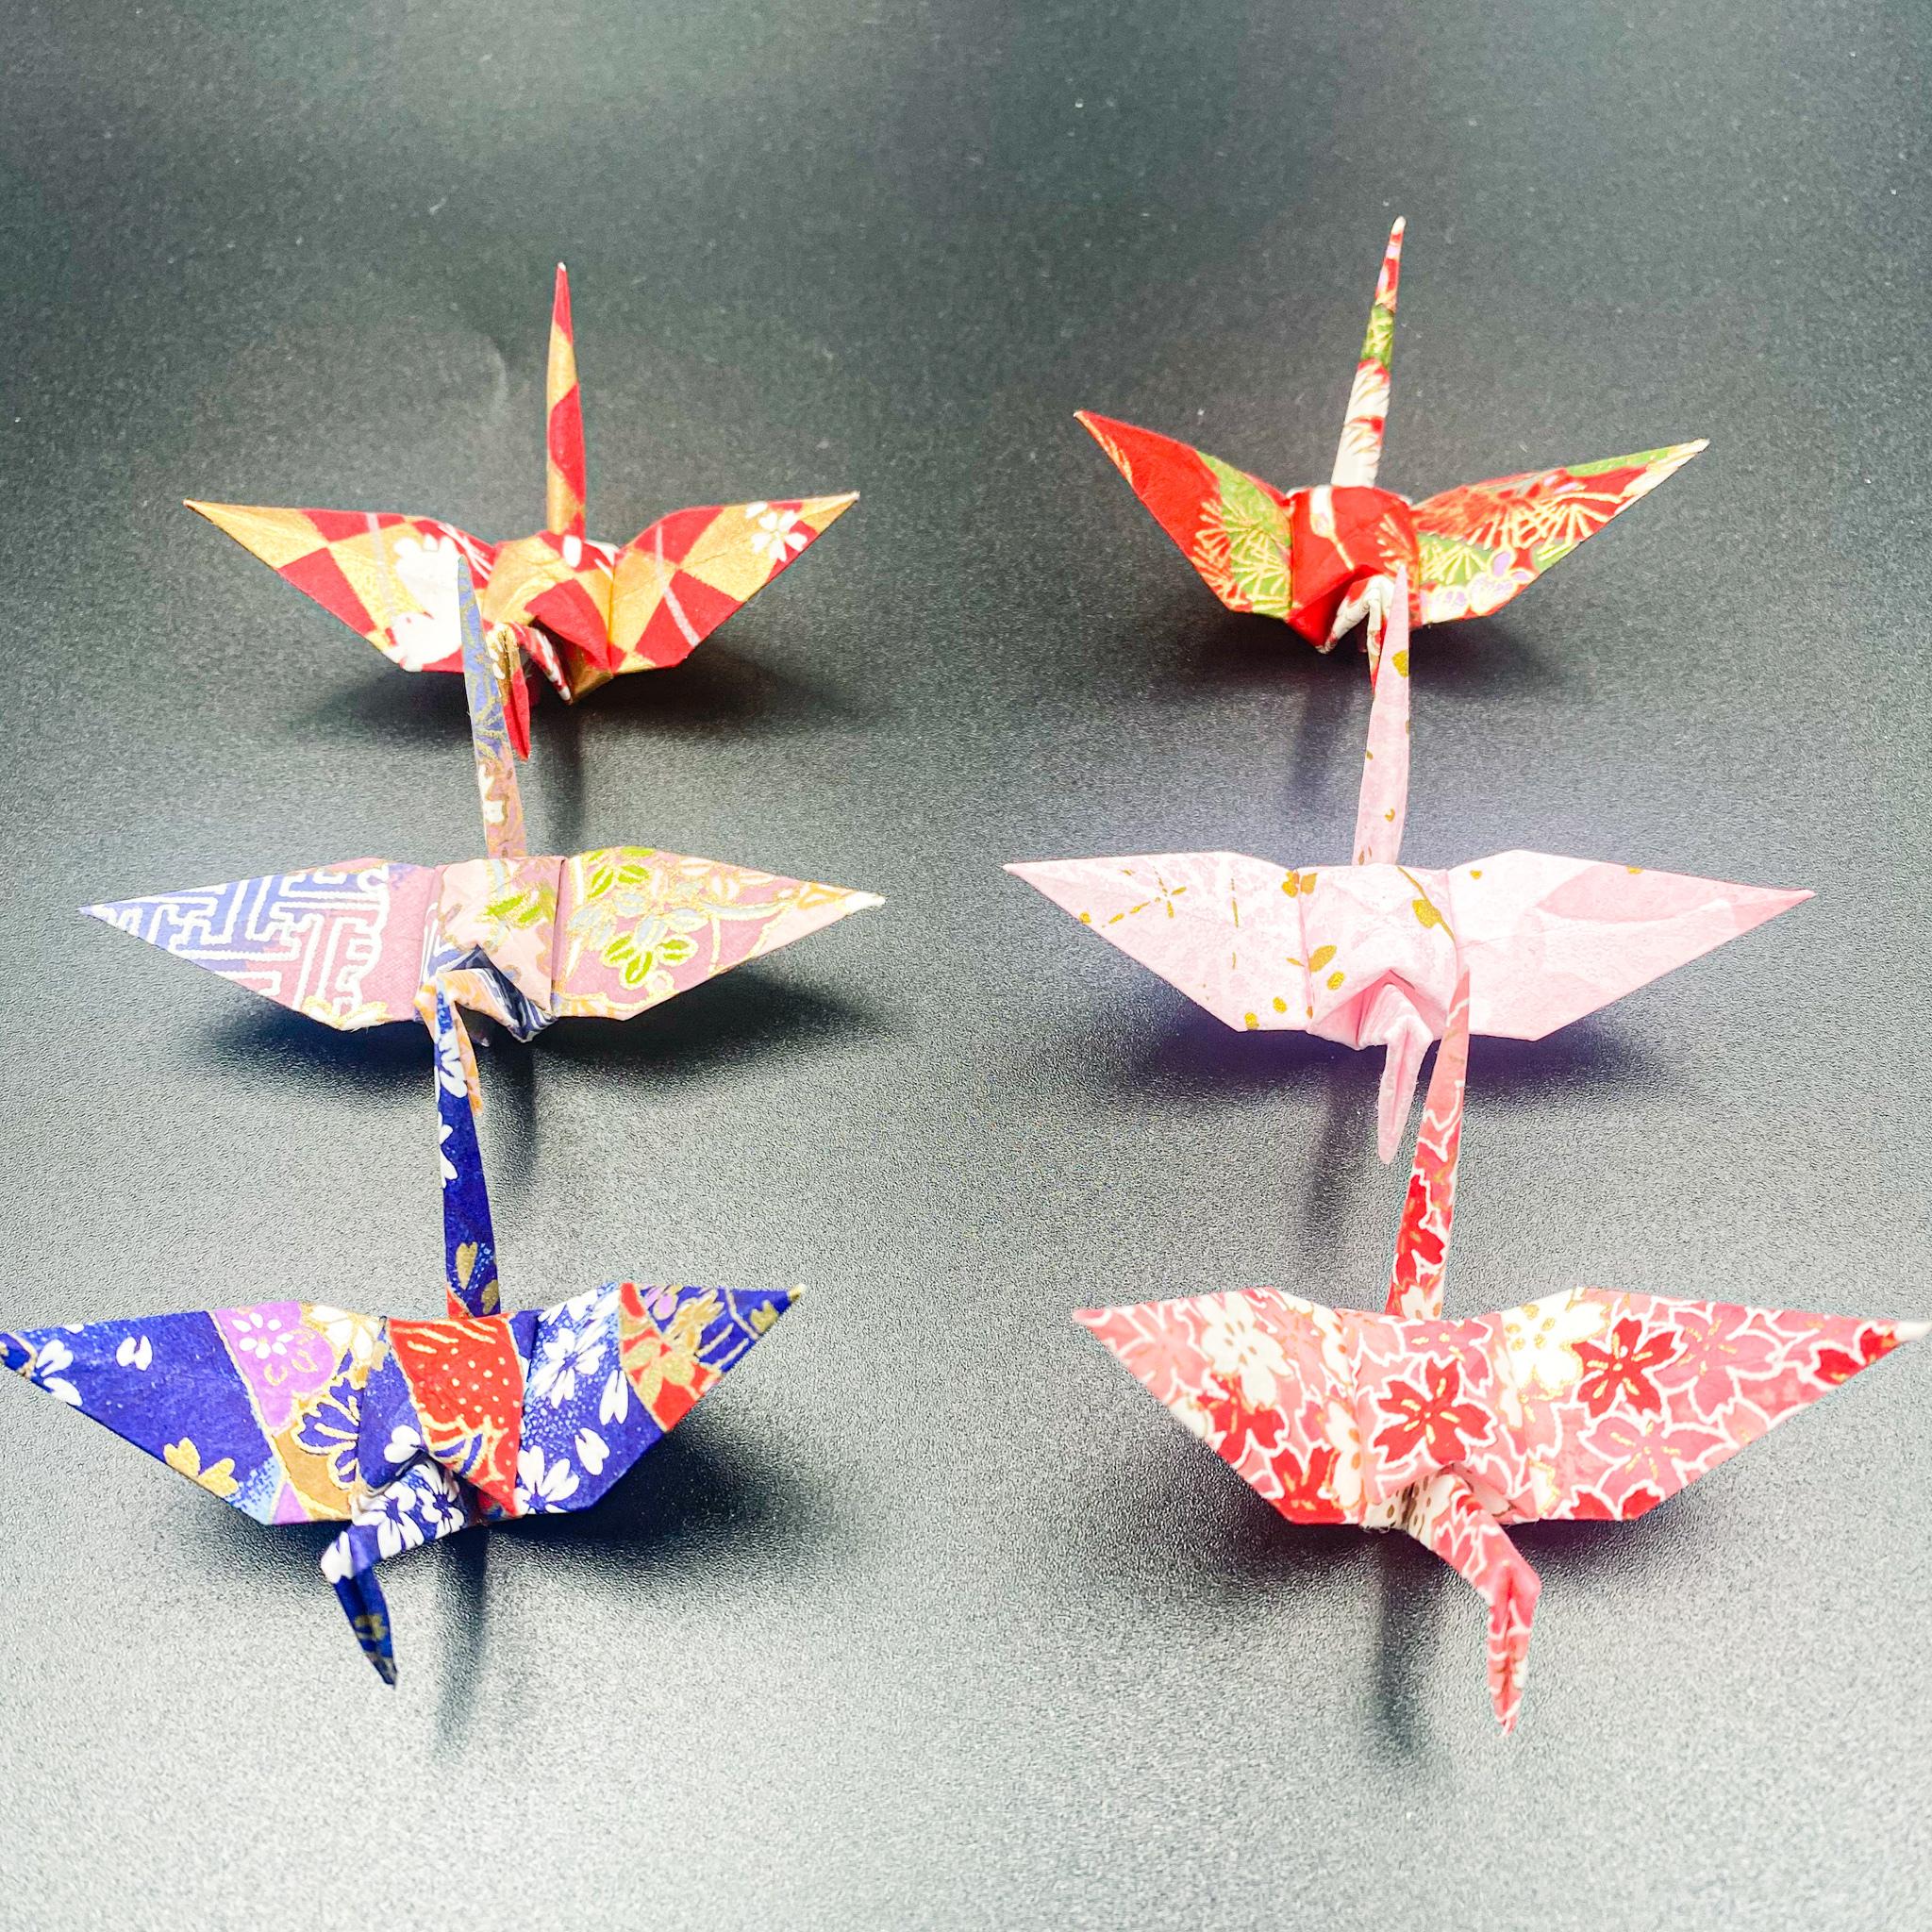 【特別記念価格】手染め和紙の折り鶴「はじまり」(神前式、和装婚折り鶴シャワー演出・和風撮影小物)80羽入り